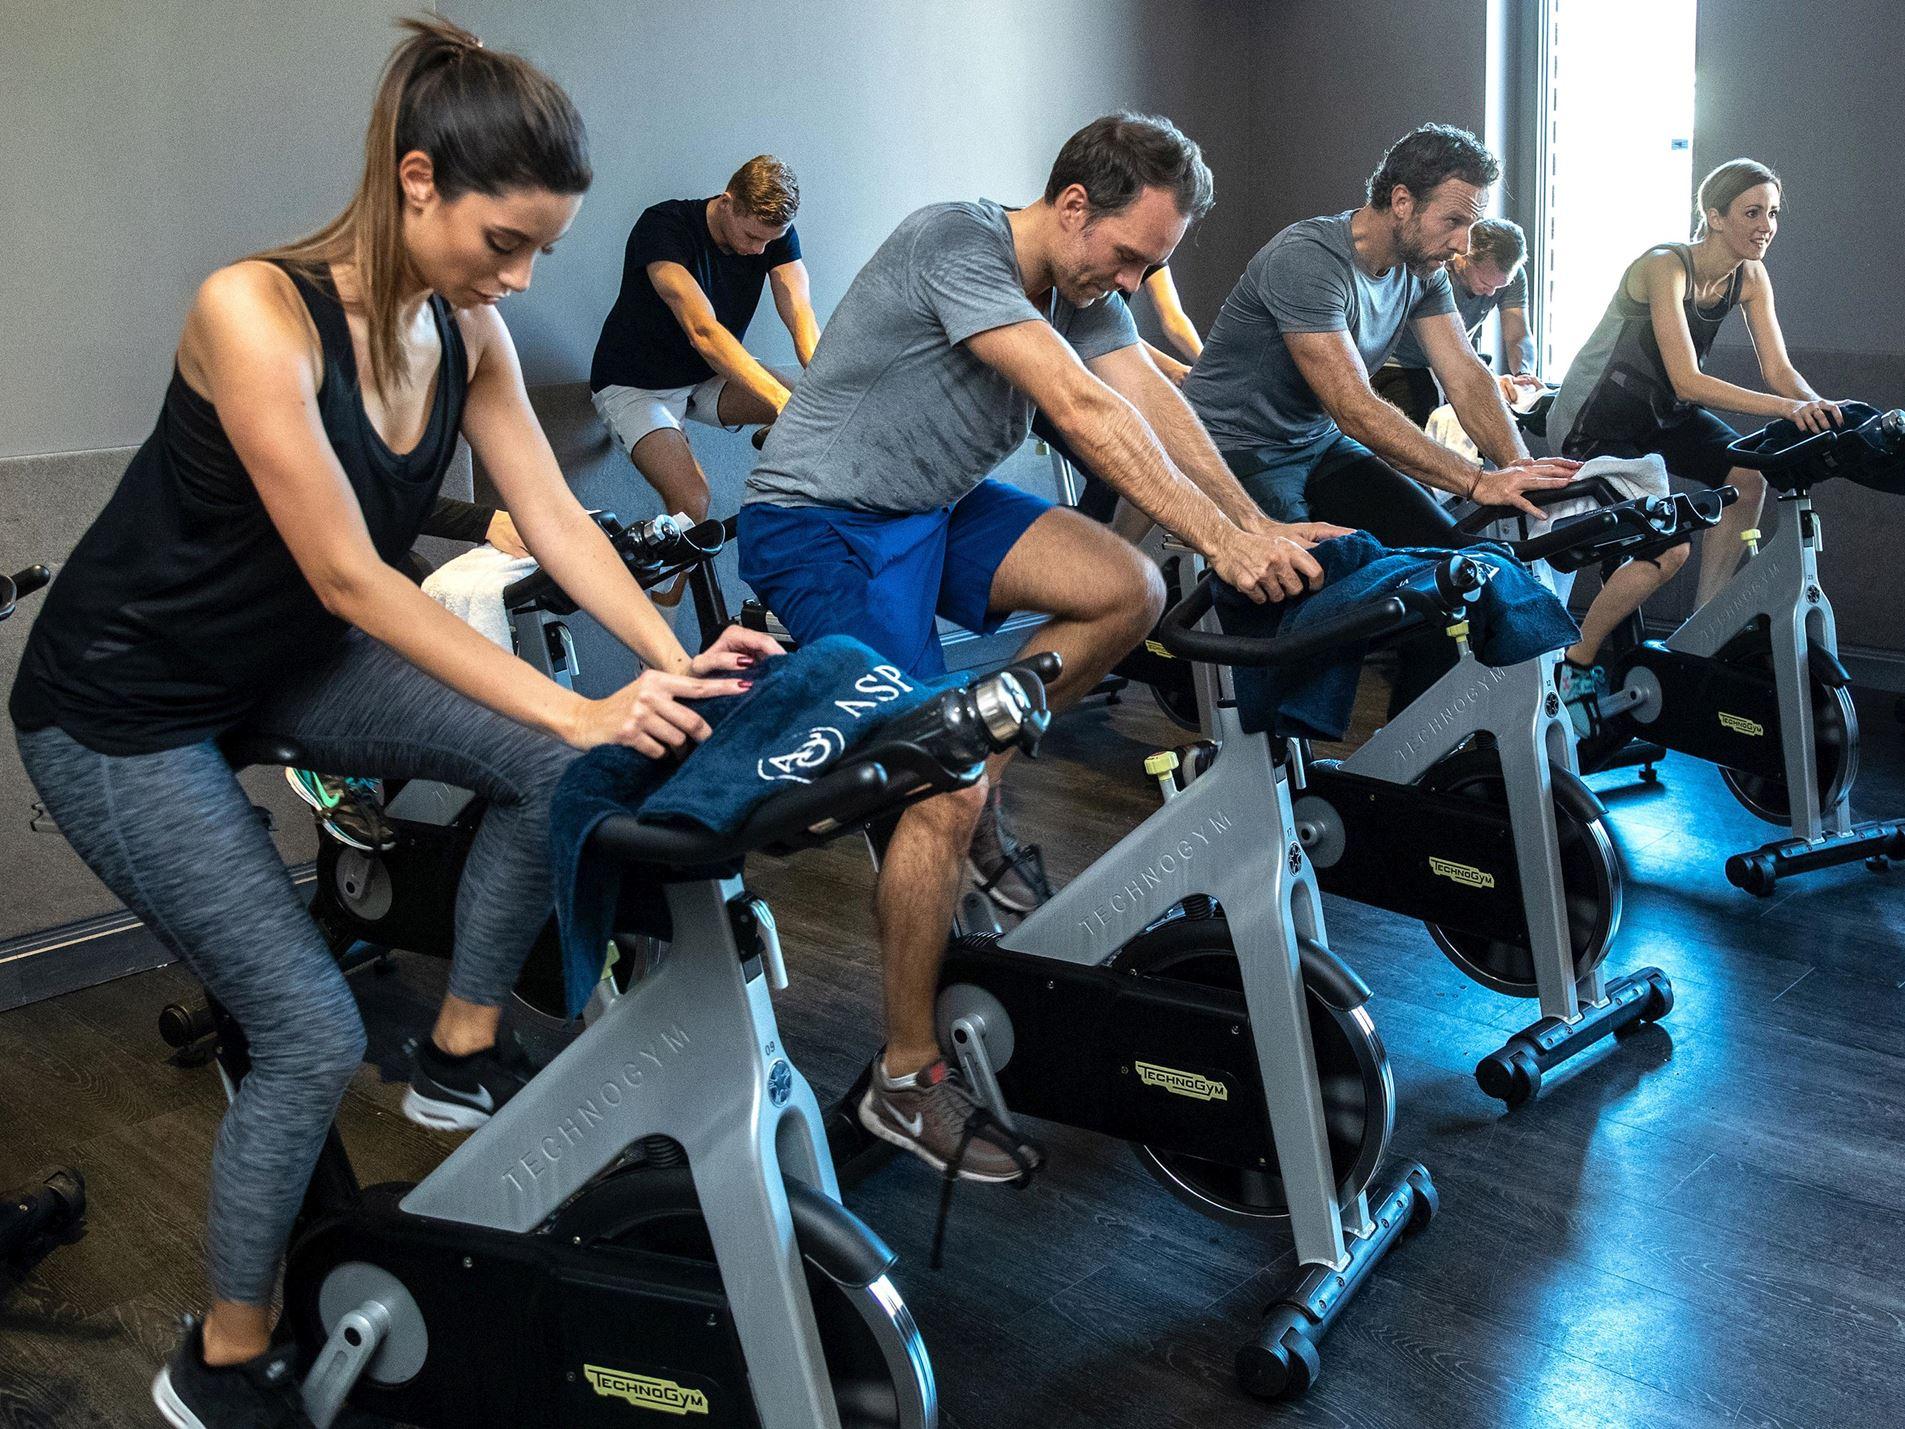 Devenez membre d'un Aspria Fitness club